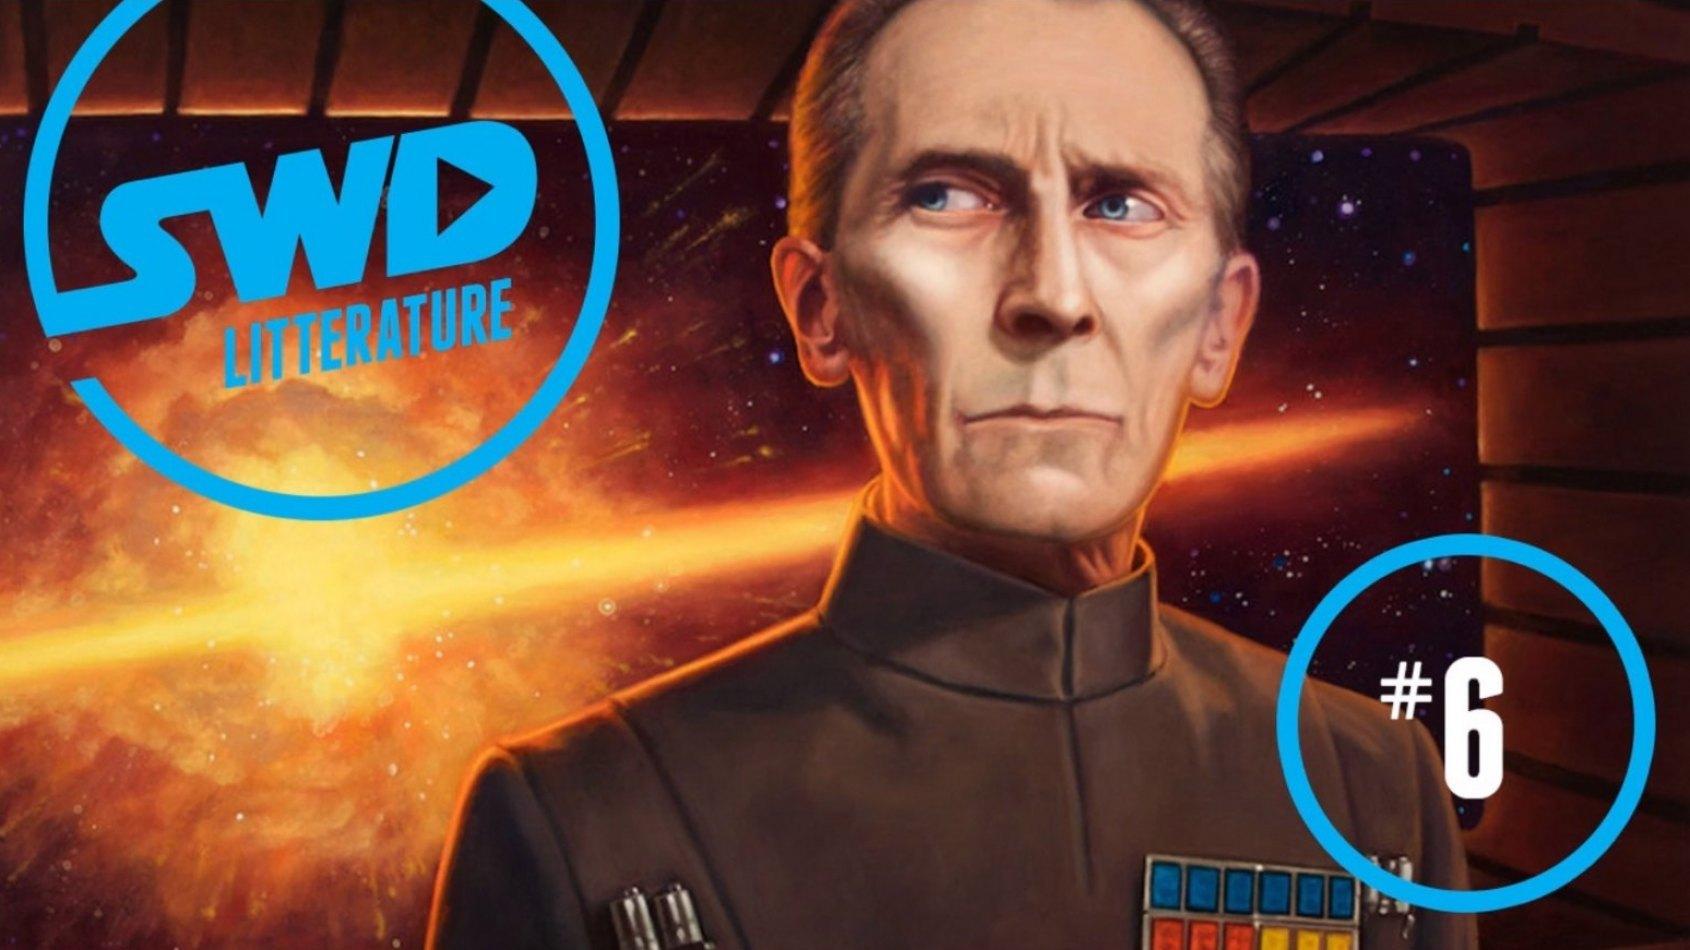 Star Wars en Direct Litt�rature #6